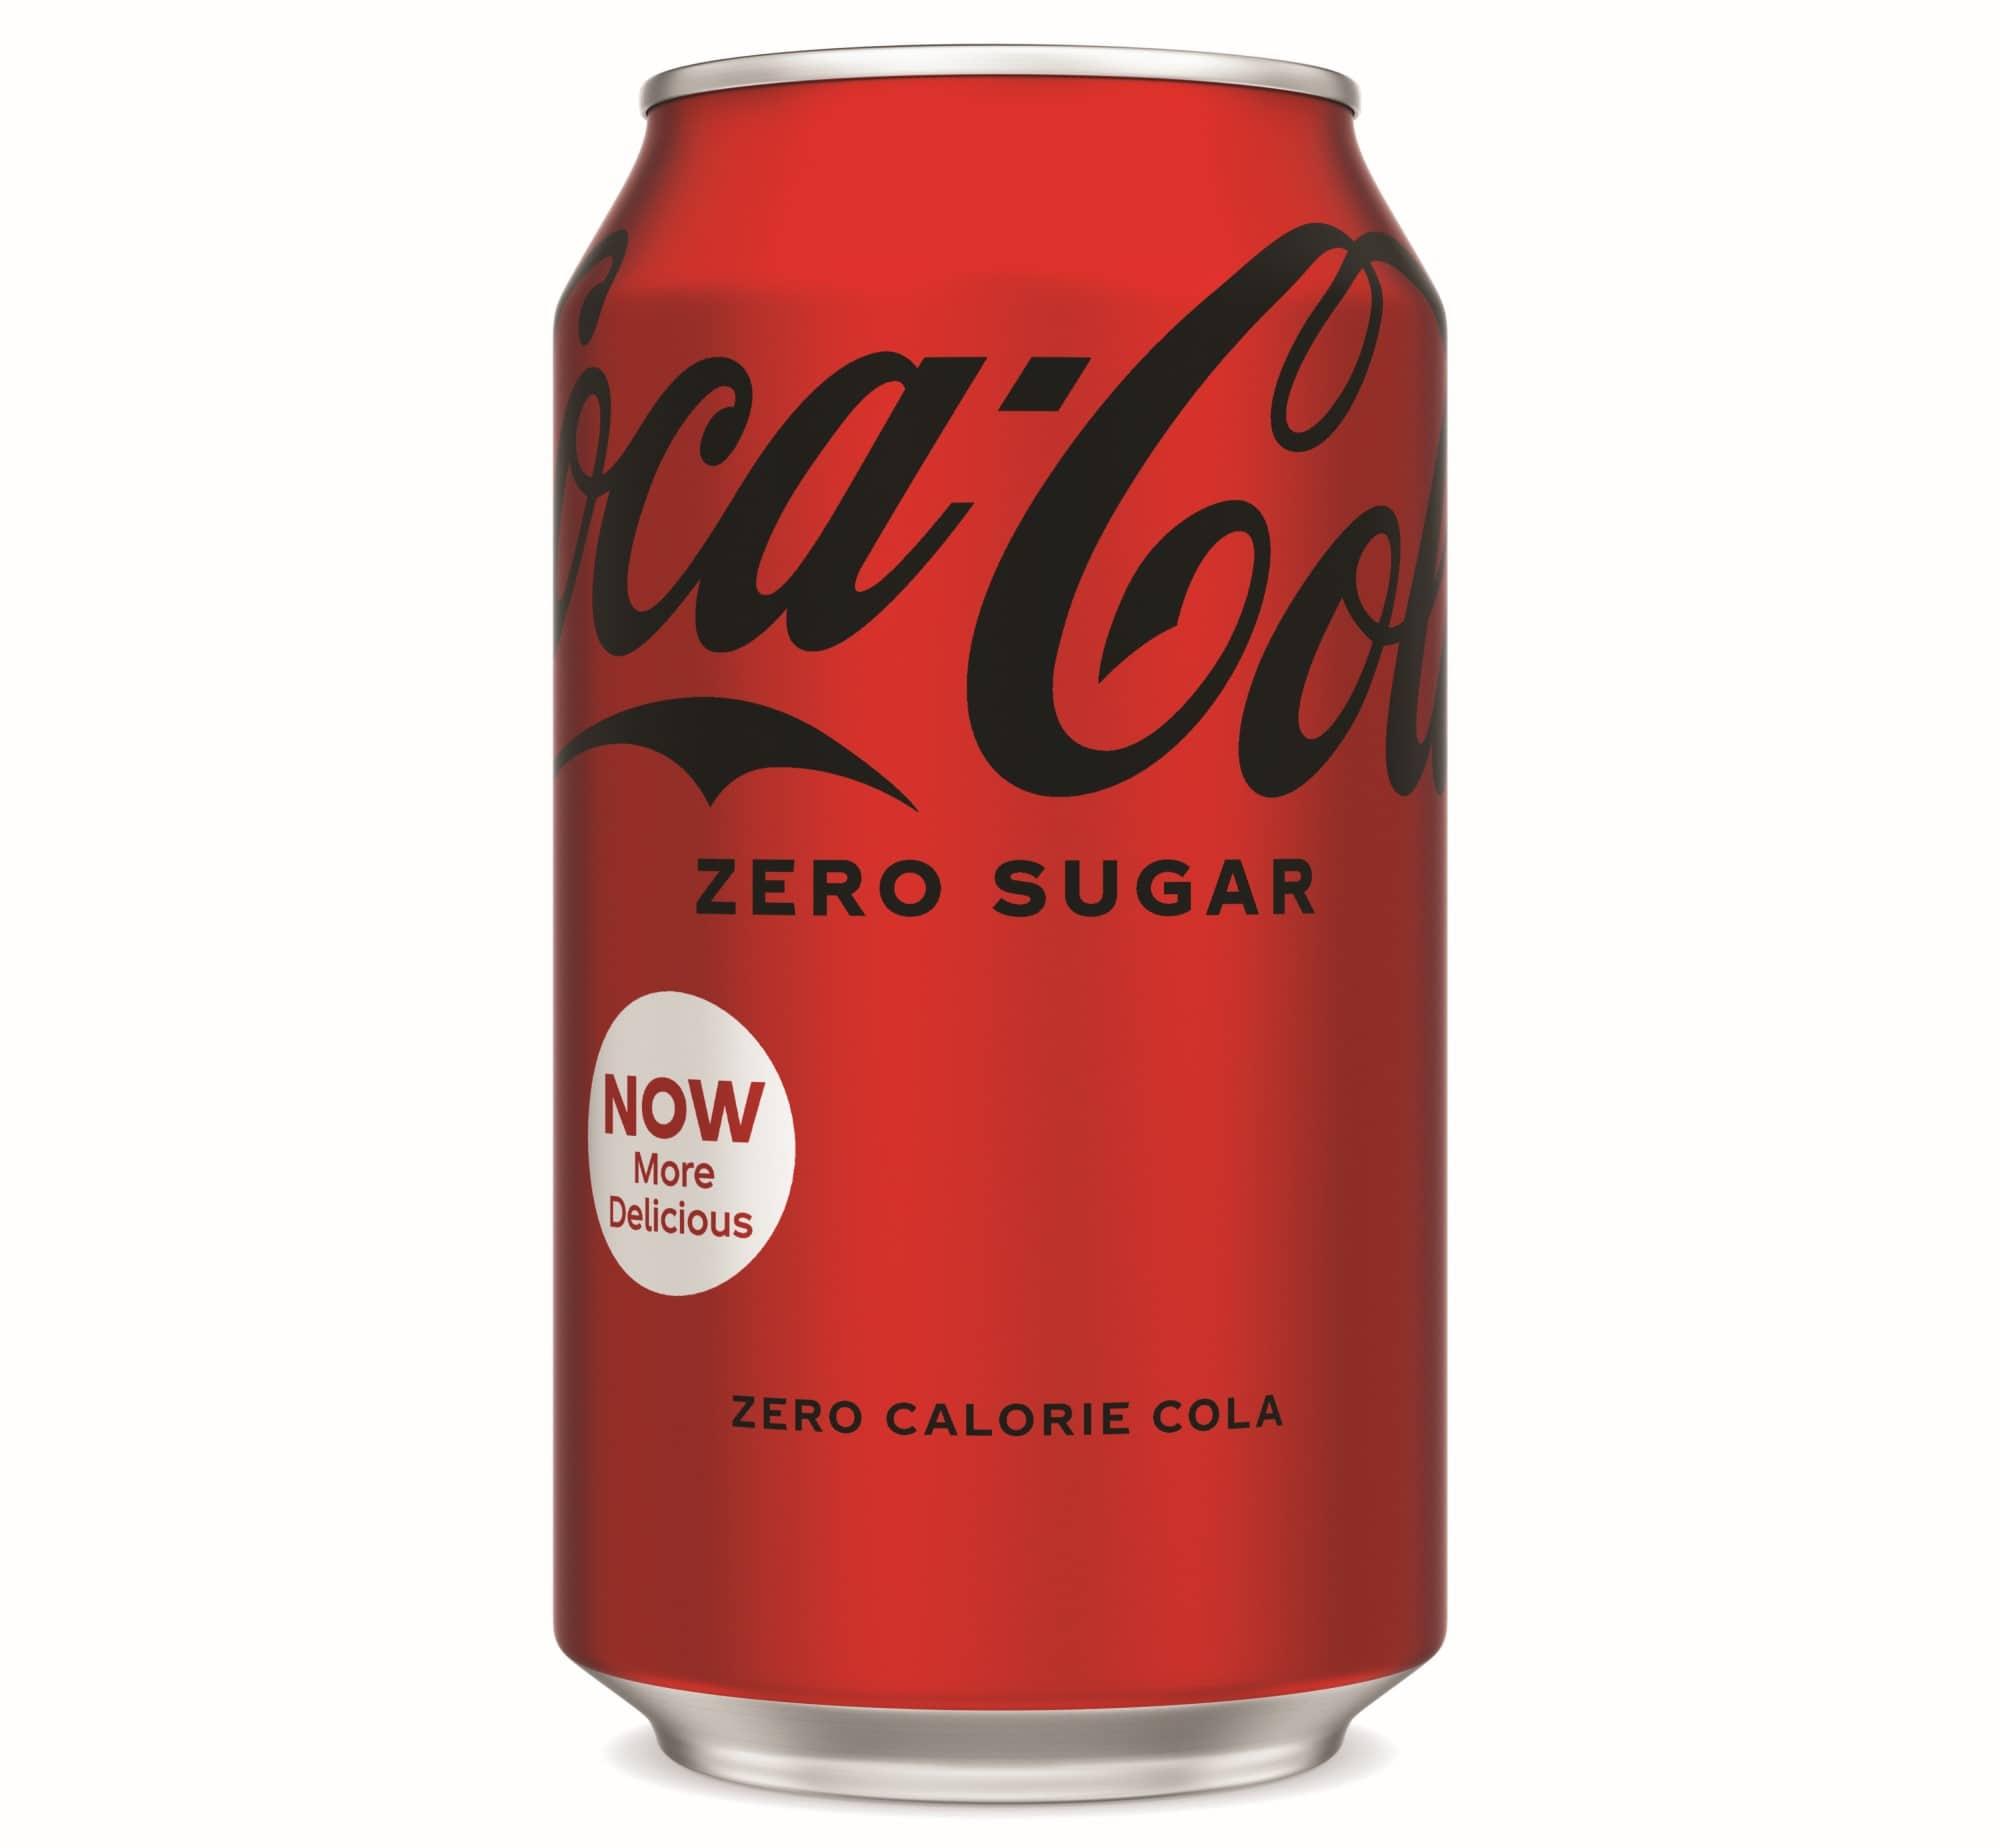 Coca-Cola Zero Sugar debuts a new taste and look 17